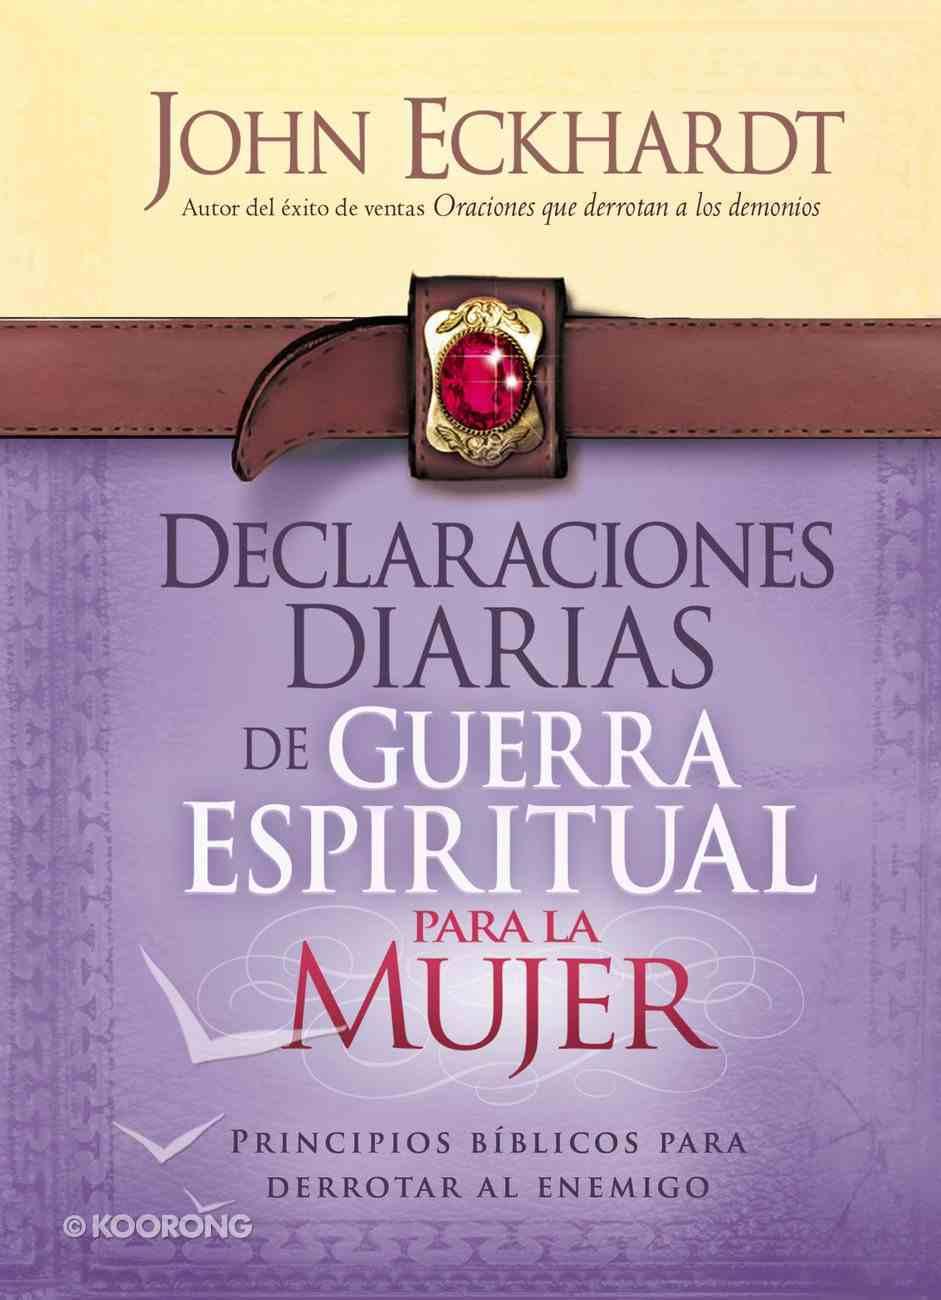 Declaraciones Diarias De Guerra Espiritual Para La Mujer (Spa) eBook